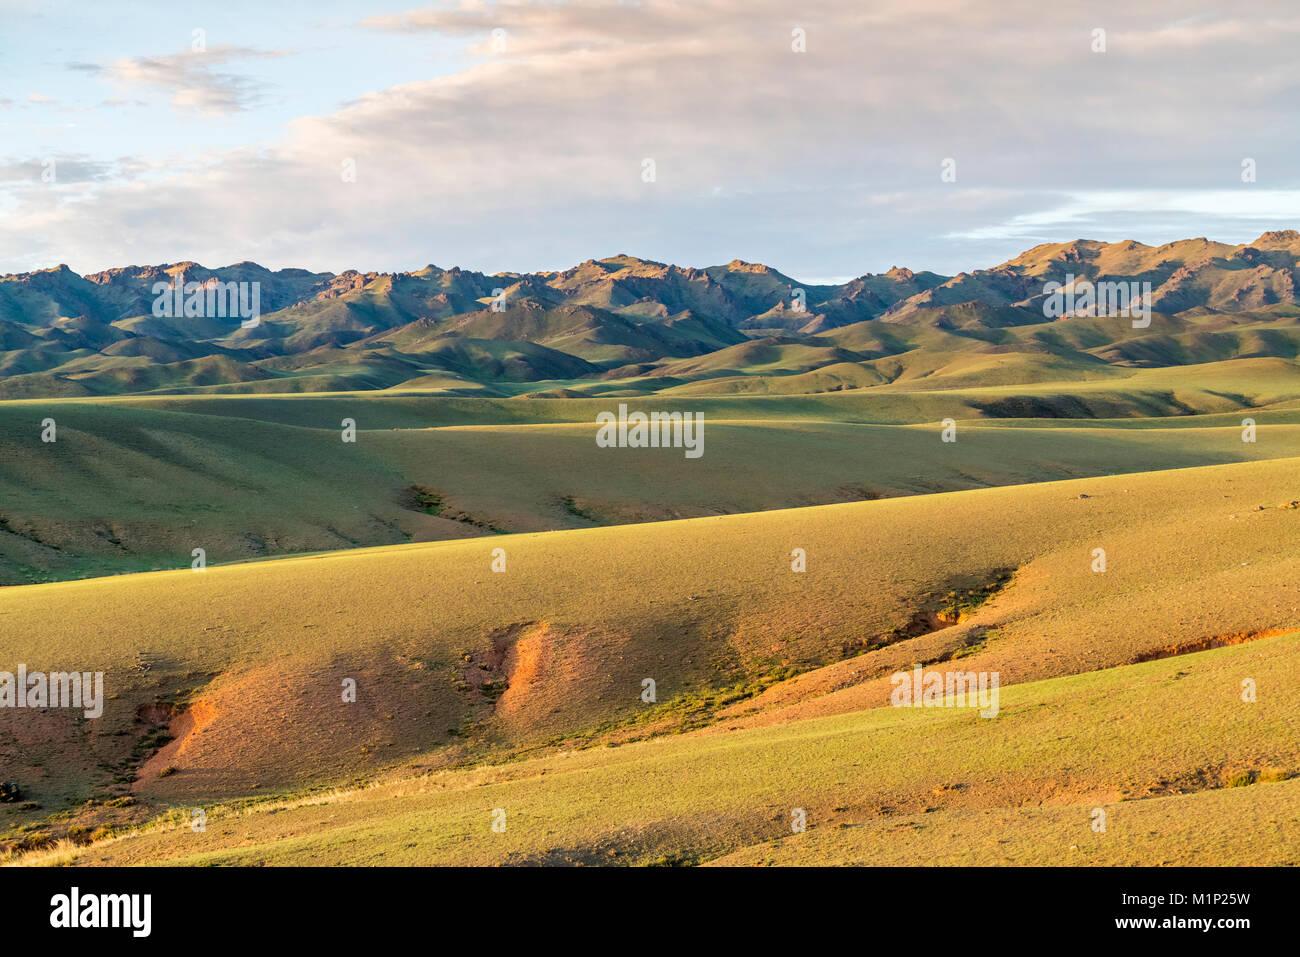 Colinas y montañas, Bayandalai district, al sur de la provincia de Gobi, Mongolia, Asia Central, África Imagen De Stock